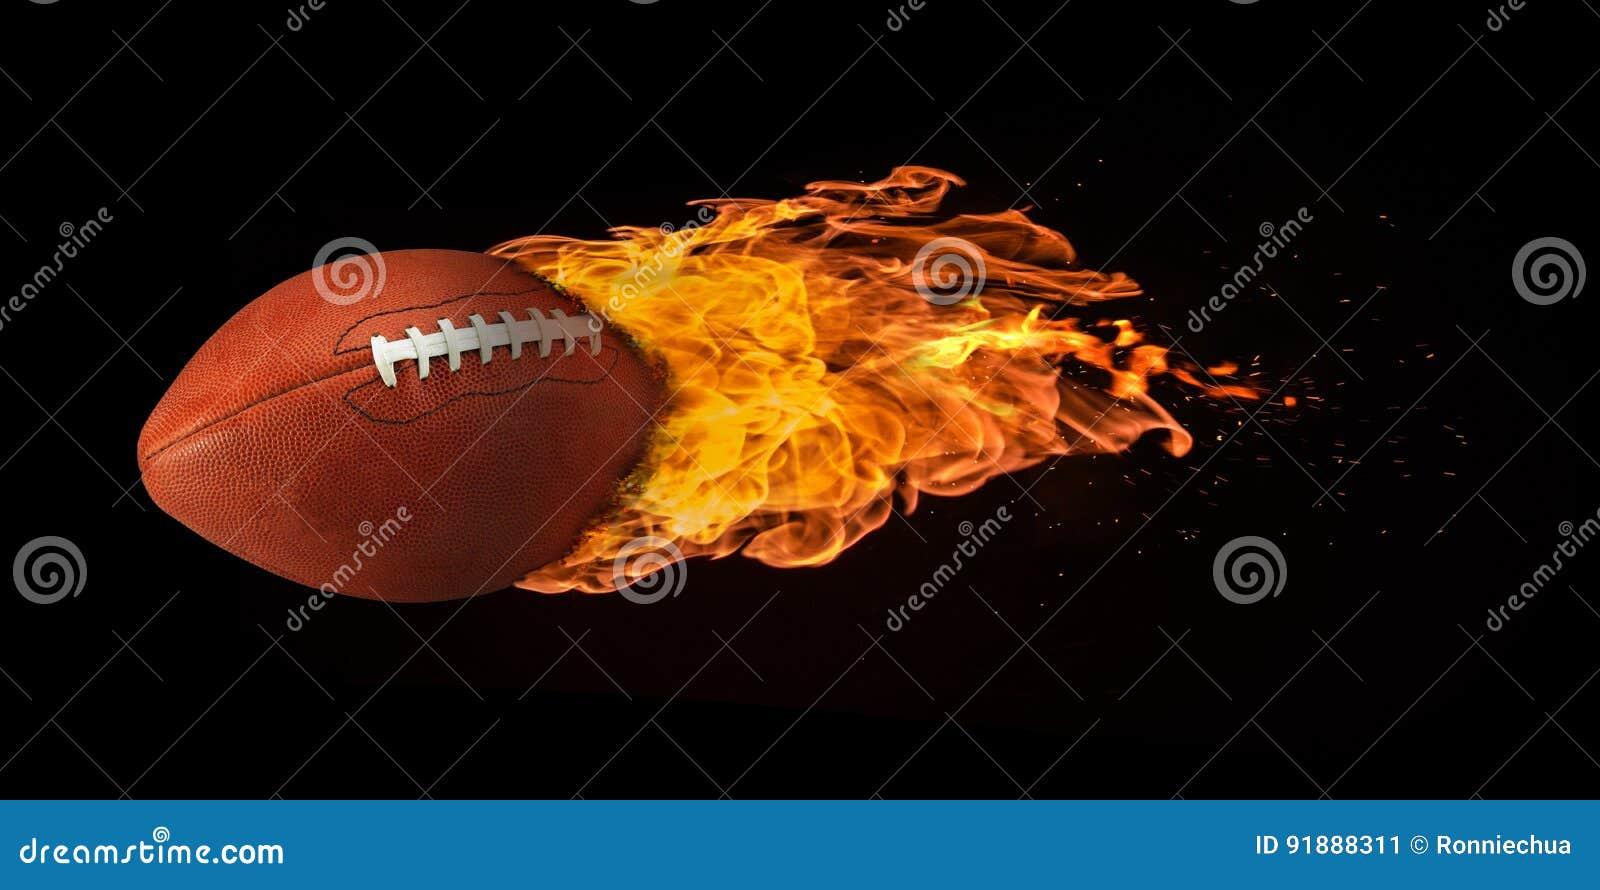 Fútbol del vuelo engullido en llamas